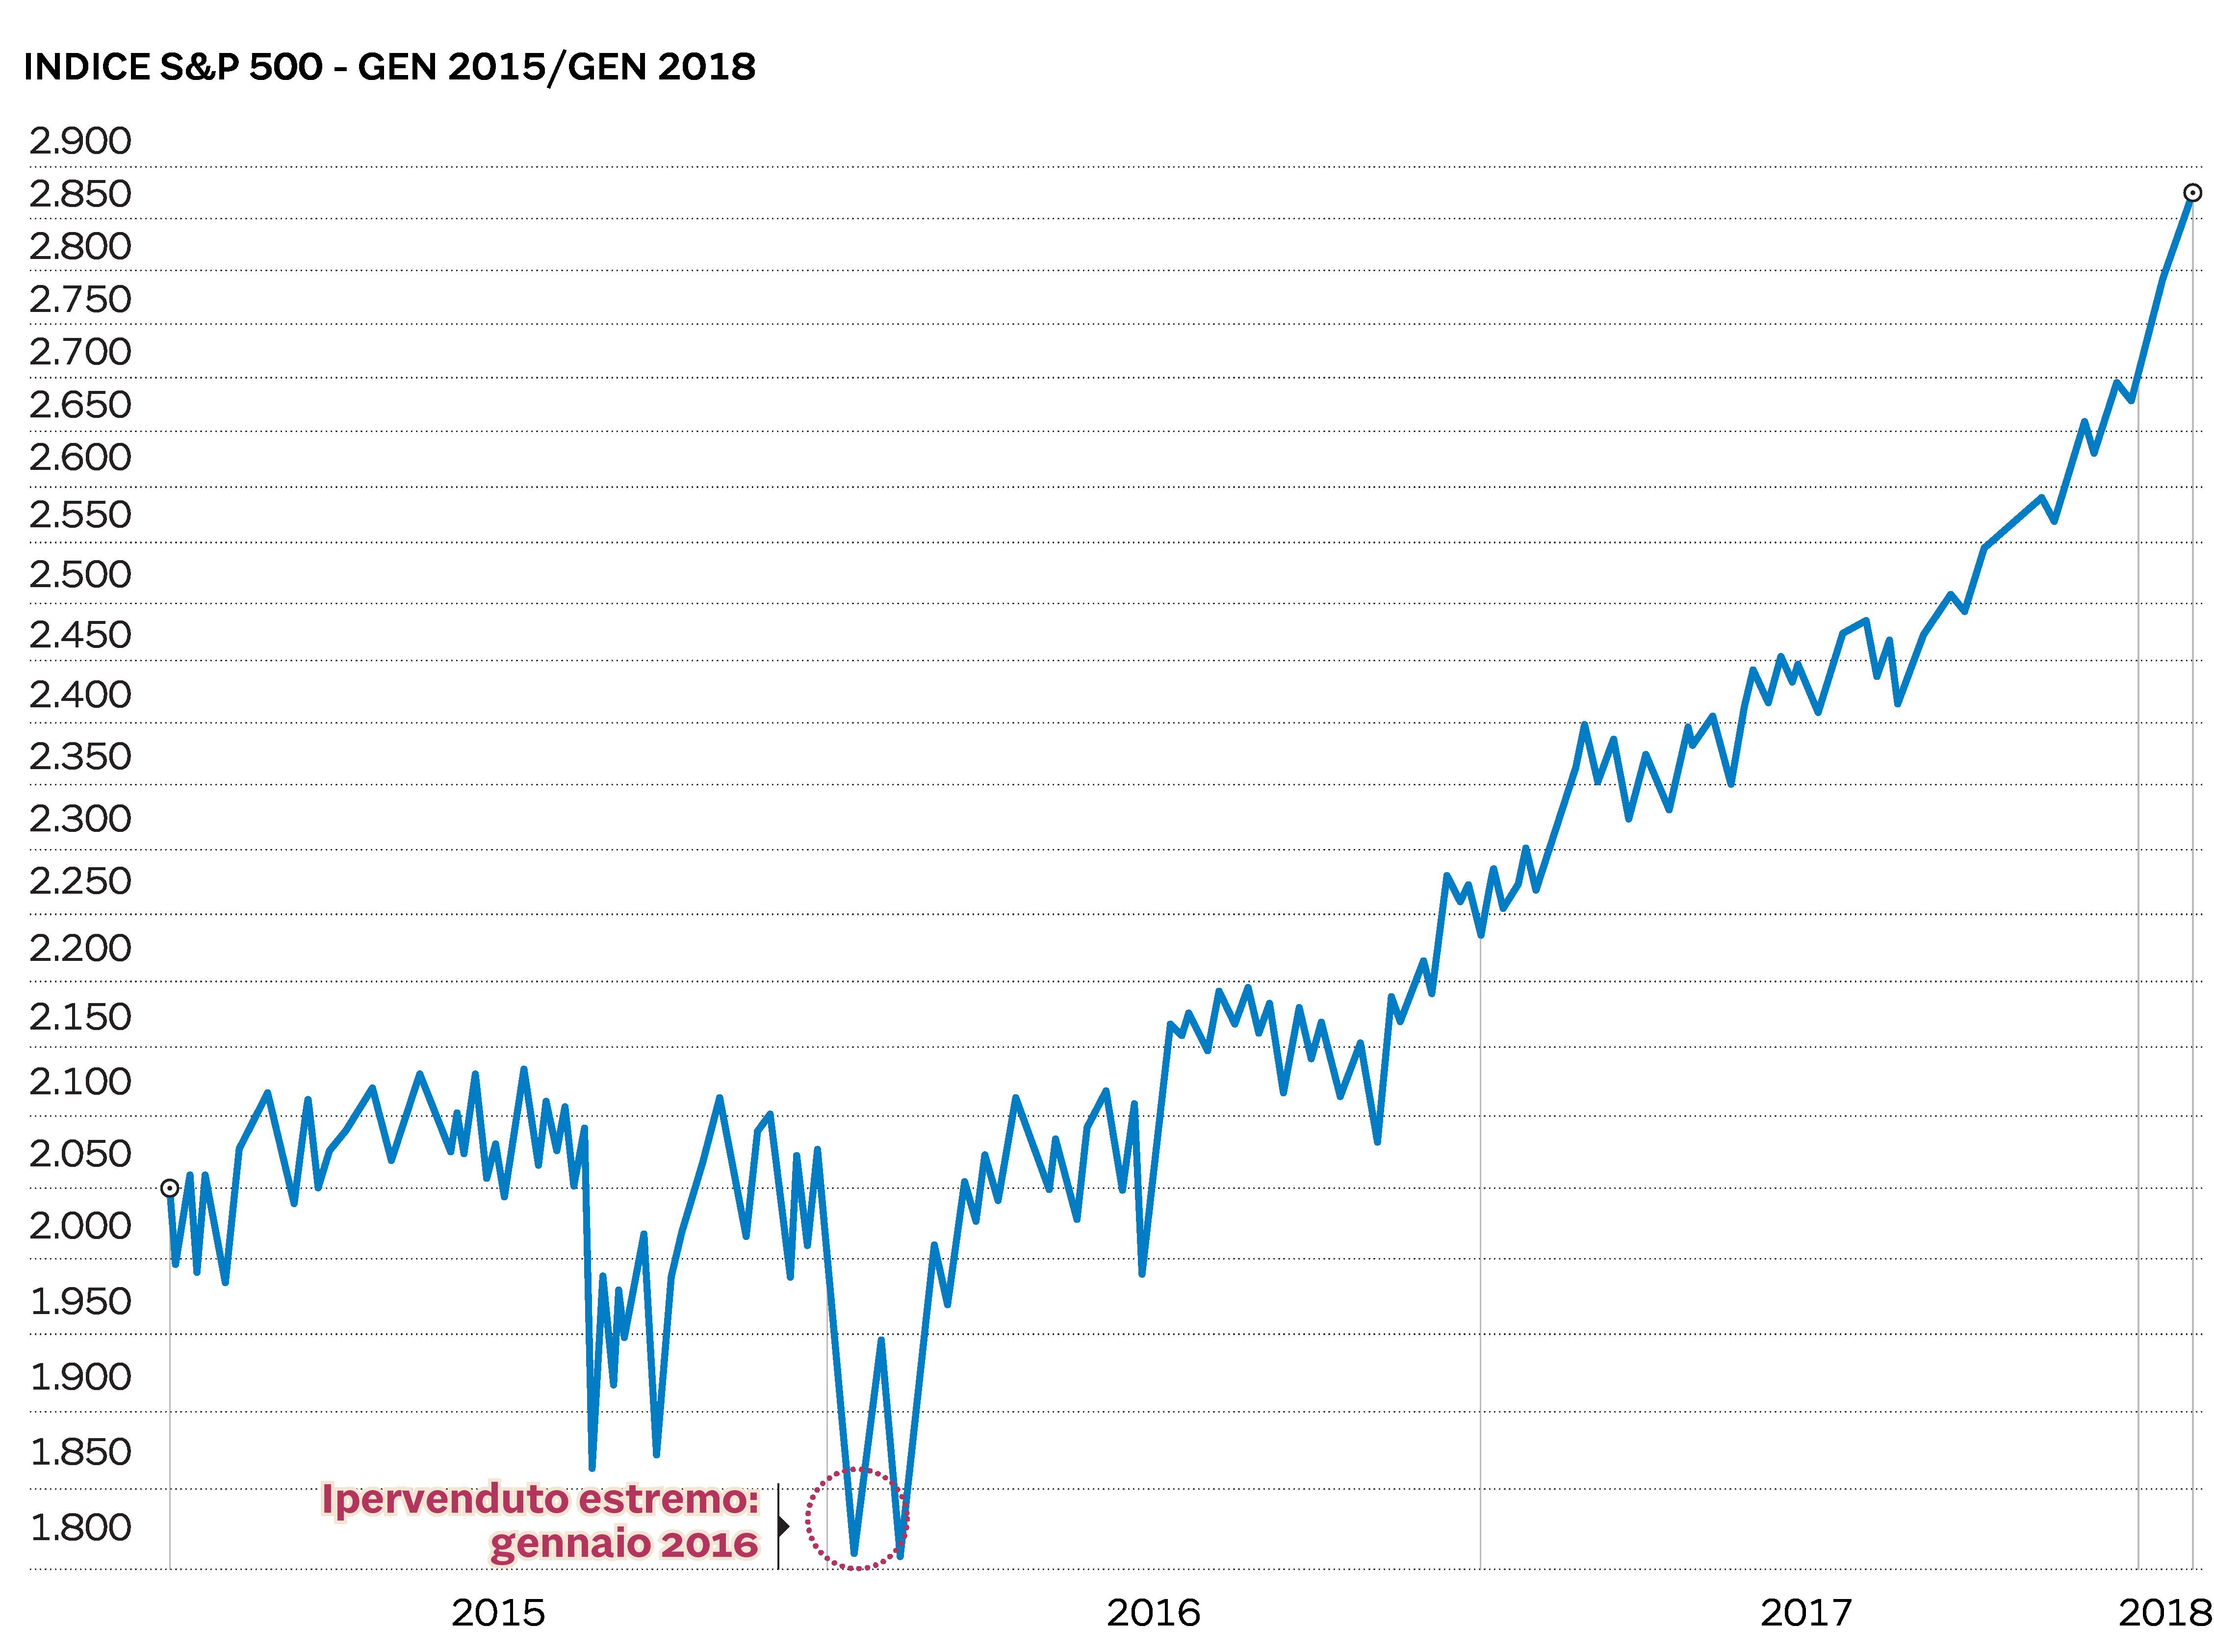 5f104e5c68 Se la Borsa crolla è il momento di comprare? Cinque lezioni dalla ...